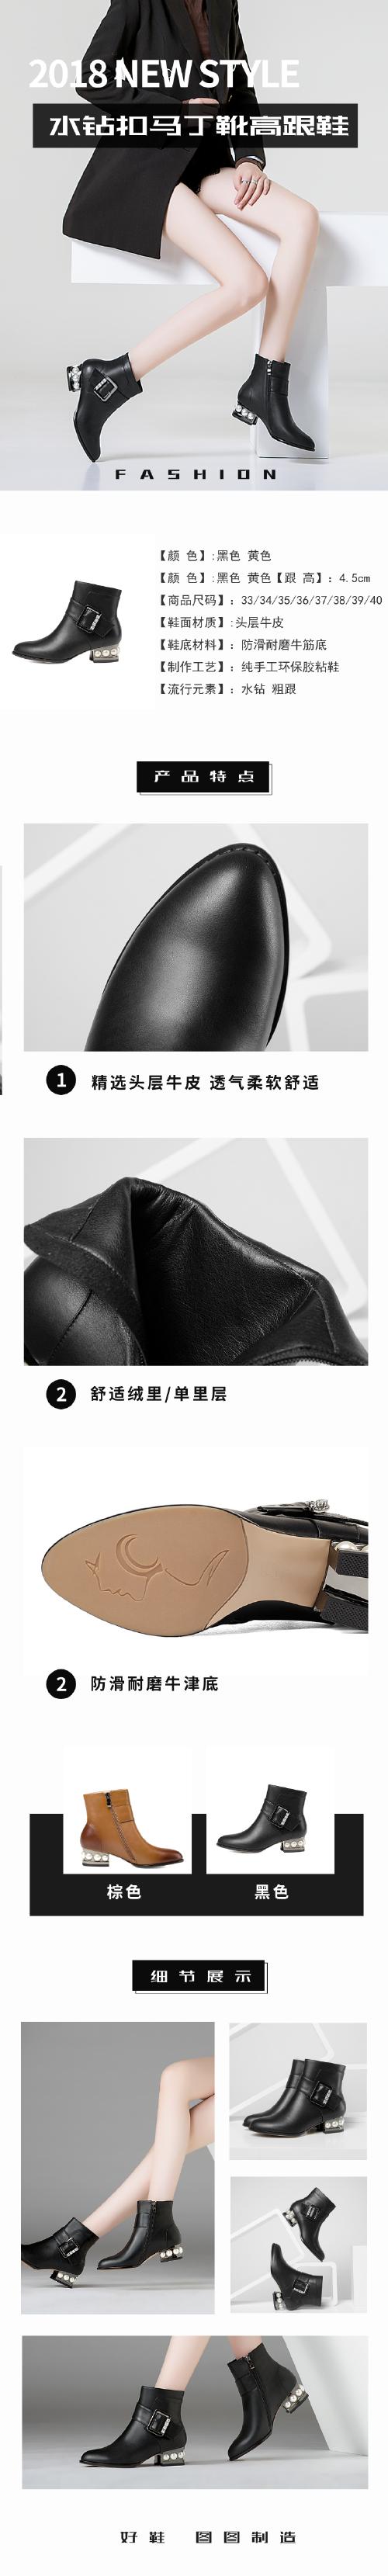 $時尚鞋子馬丁靴淘寶產品詳情圖